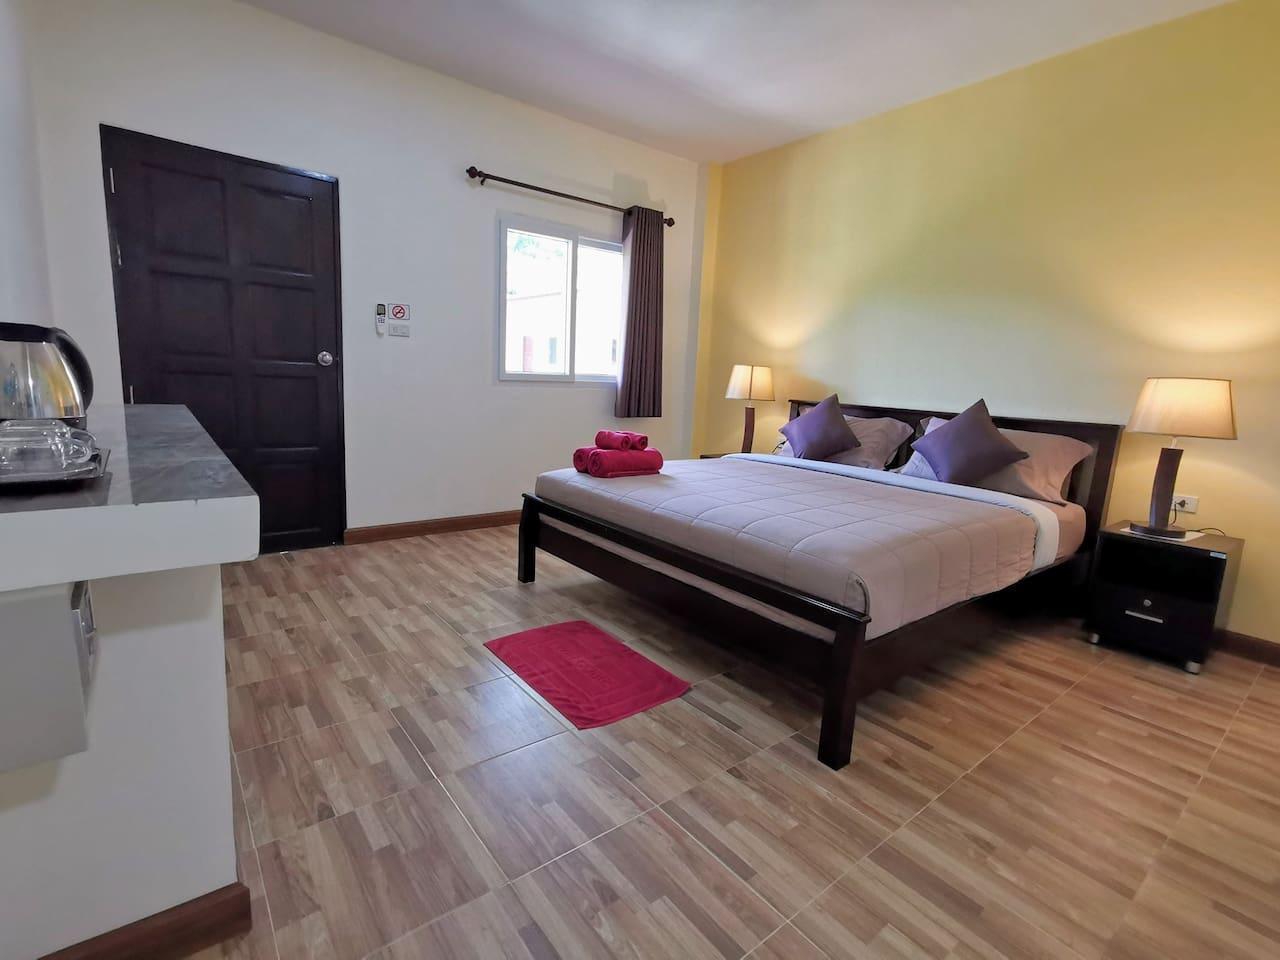 SERENDIPITY 2 1 ห้องนอน 1 ห้องน้ำส่วนตัว ขนาด 30 ตร.ม. – หาดพระแอะ